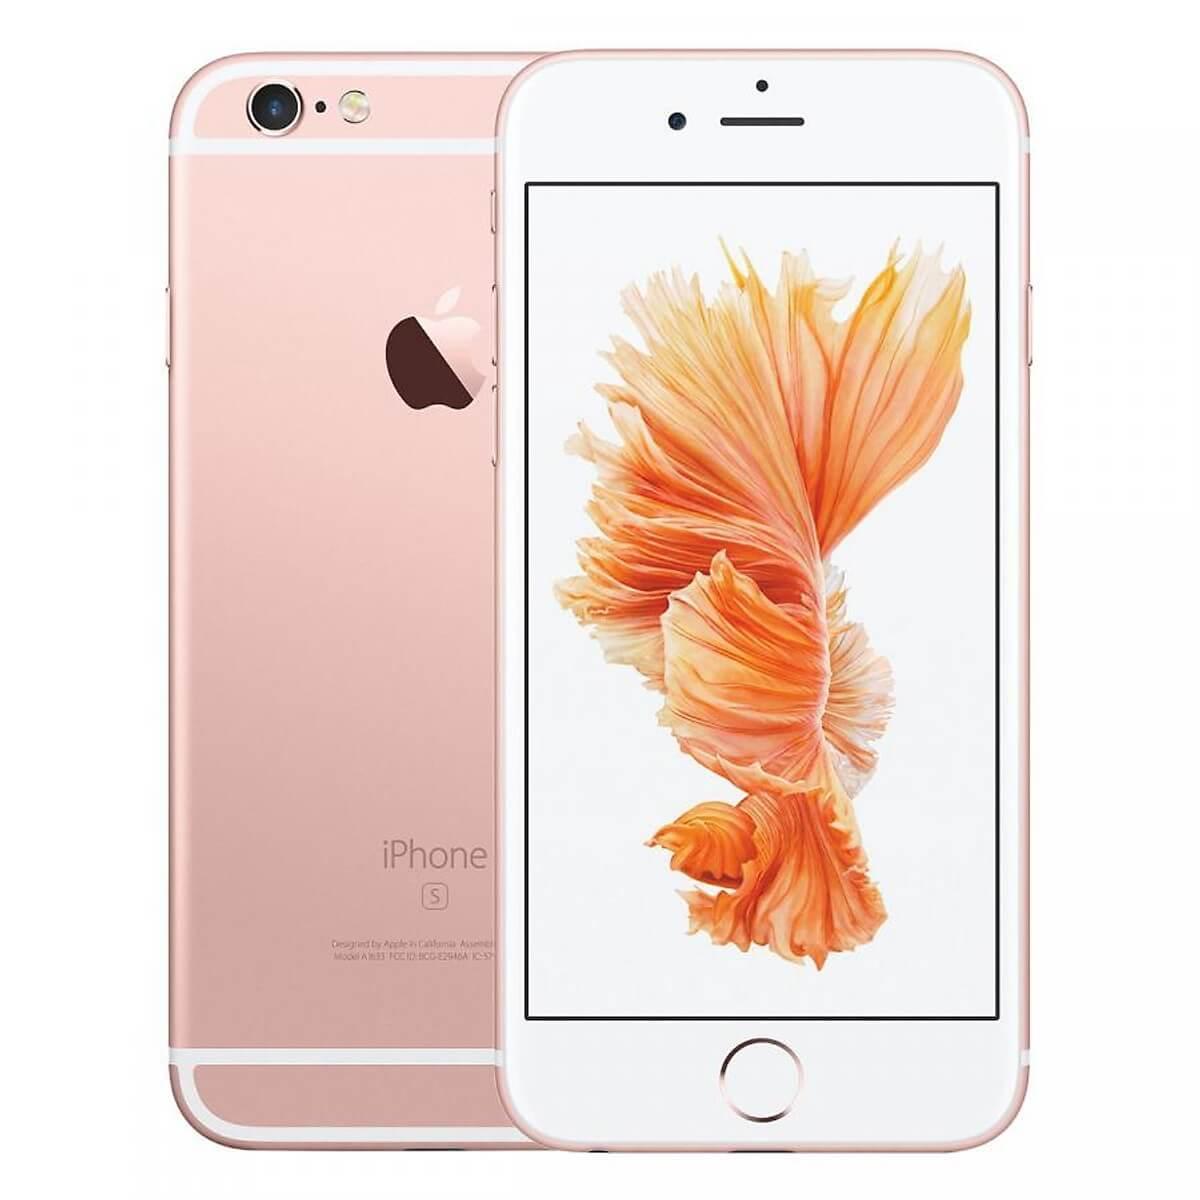 Điện Thoại iPhone 6s 32GB - Hàng nhập khẩu - New Seal